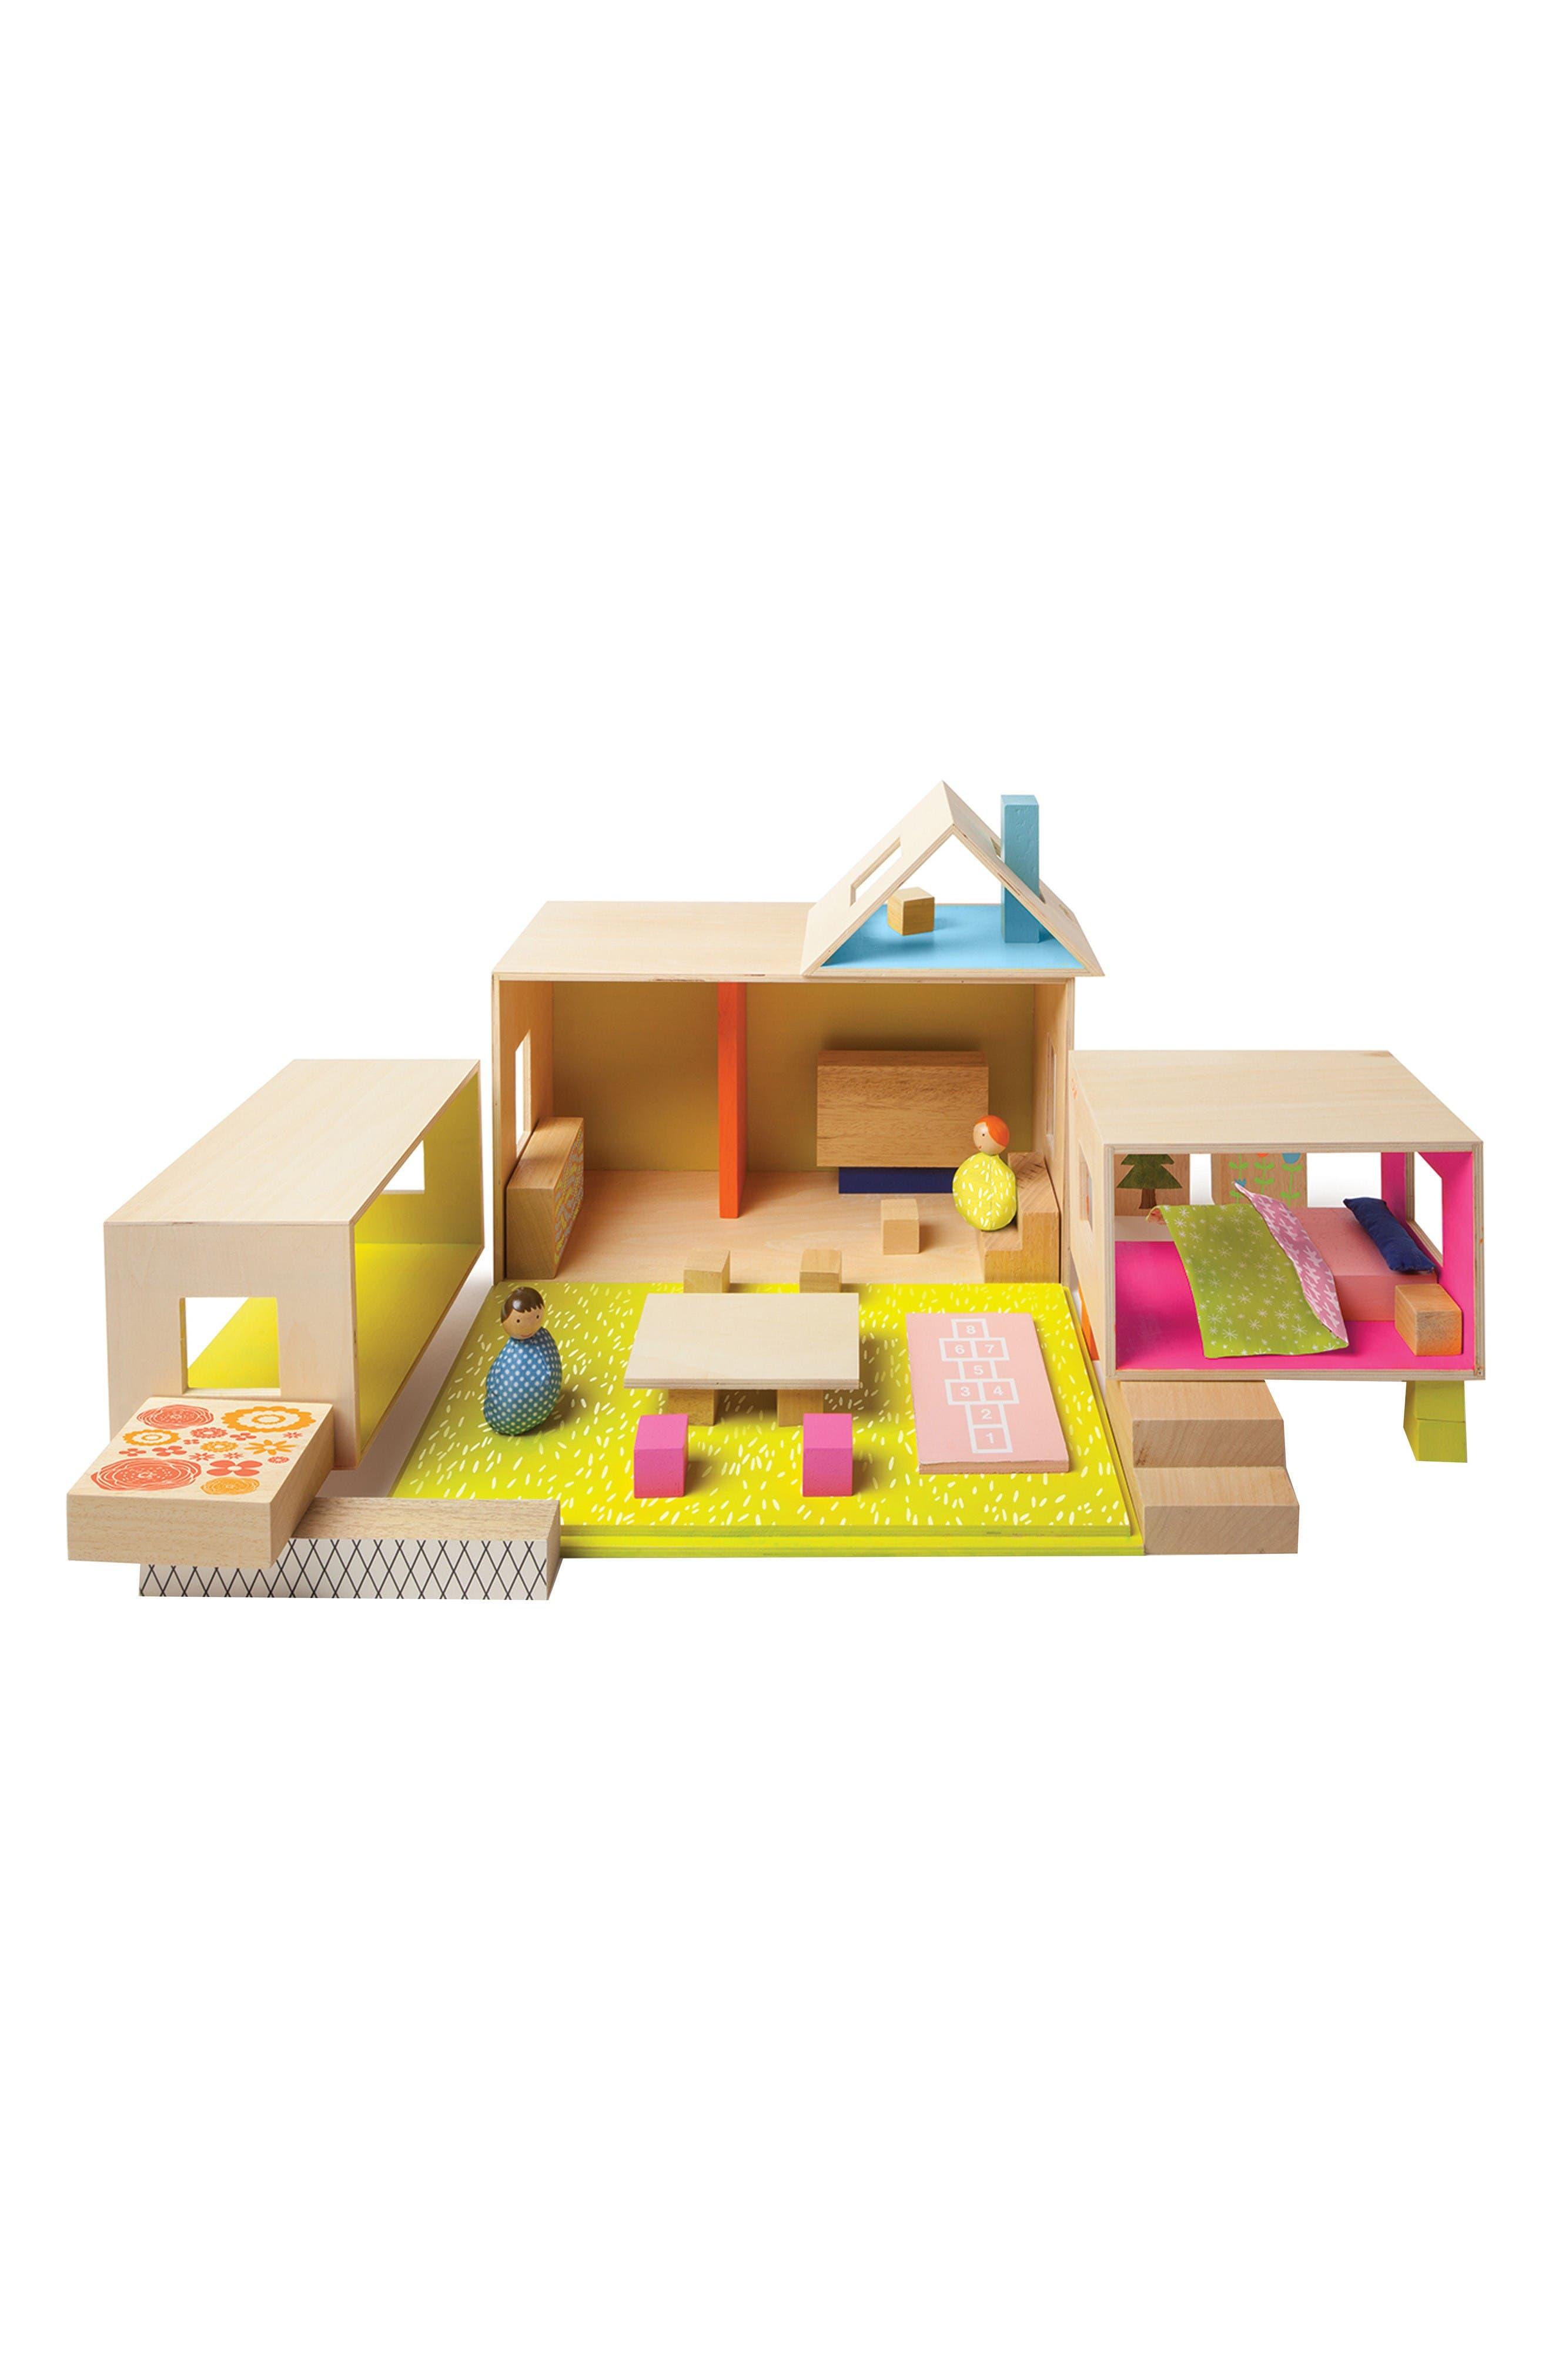 Alternate Image 1 Selected - Manhattan Toy MiO Playing Eating Sleeping Working Blocks